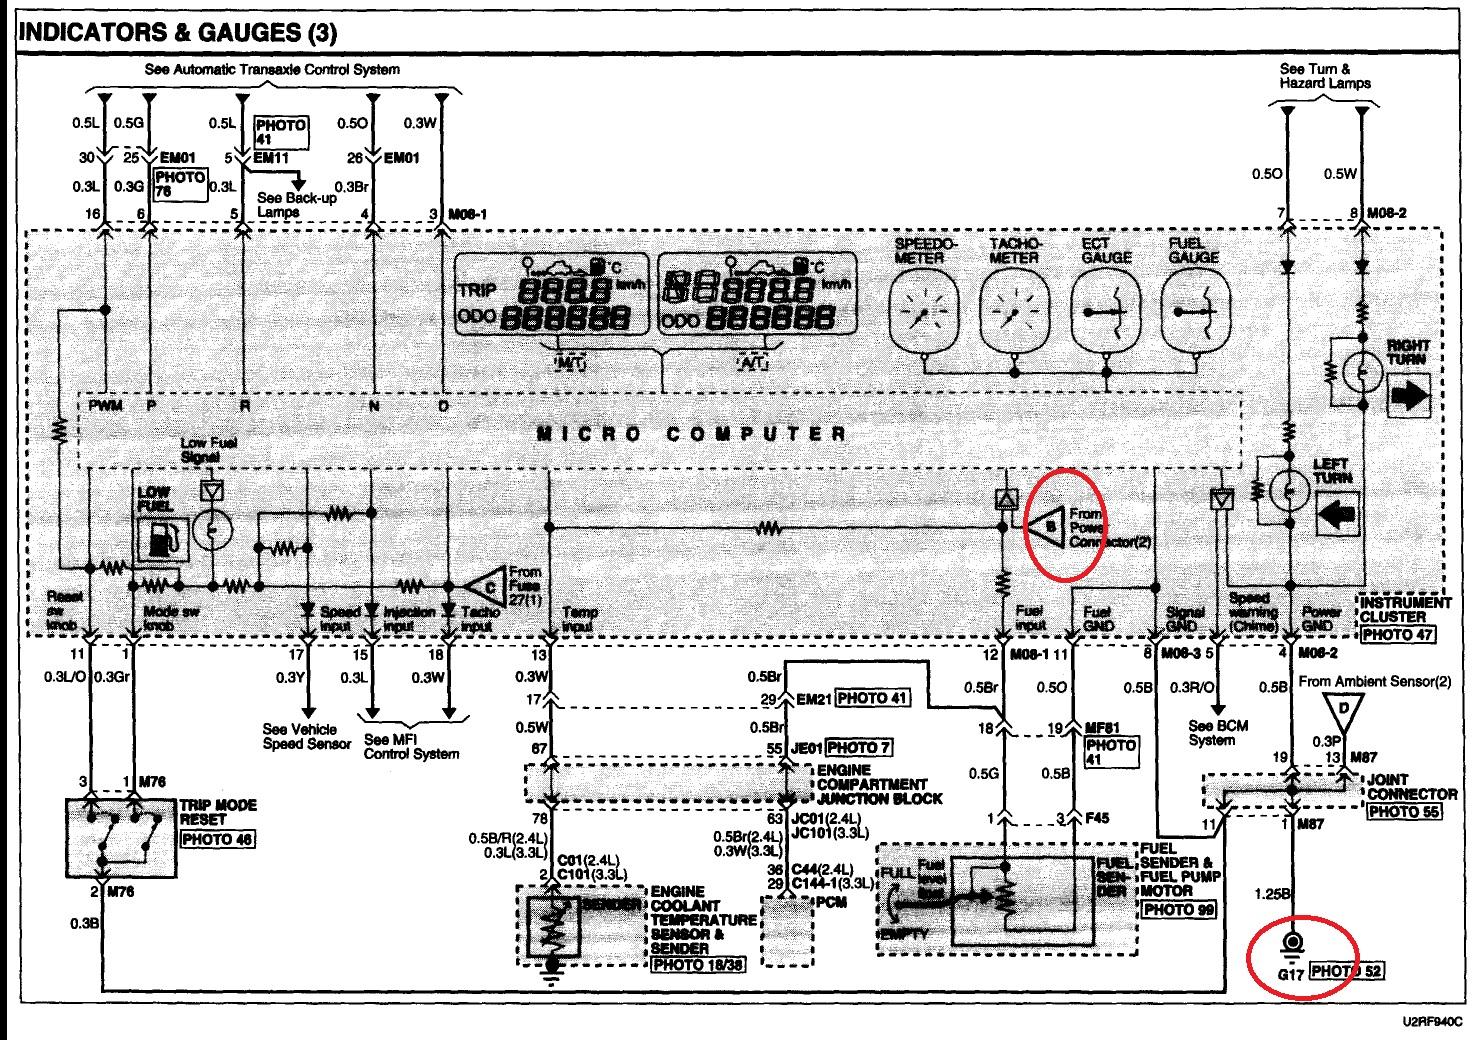 hyundai accent wiring diagram - 28 images - wiring diagram 2003 hyundai  tiburon gt wiring get